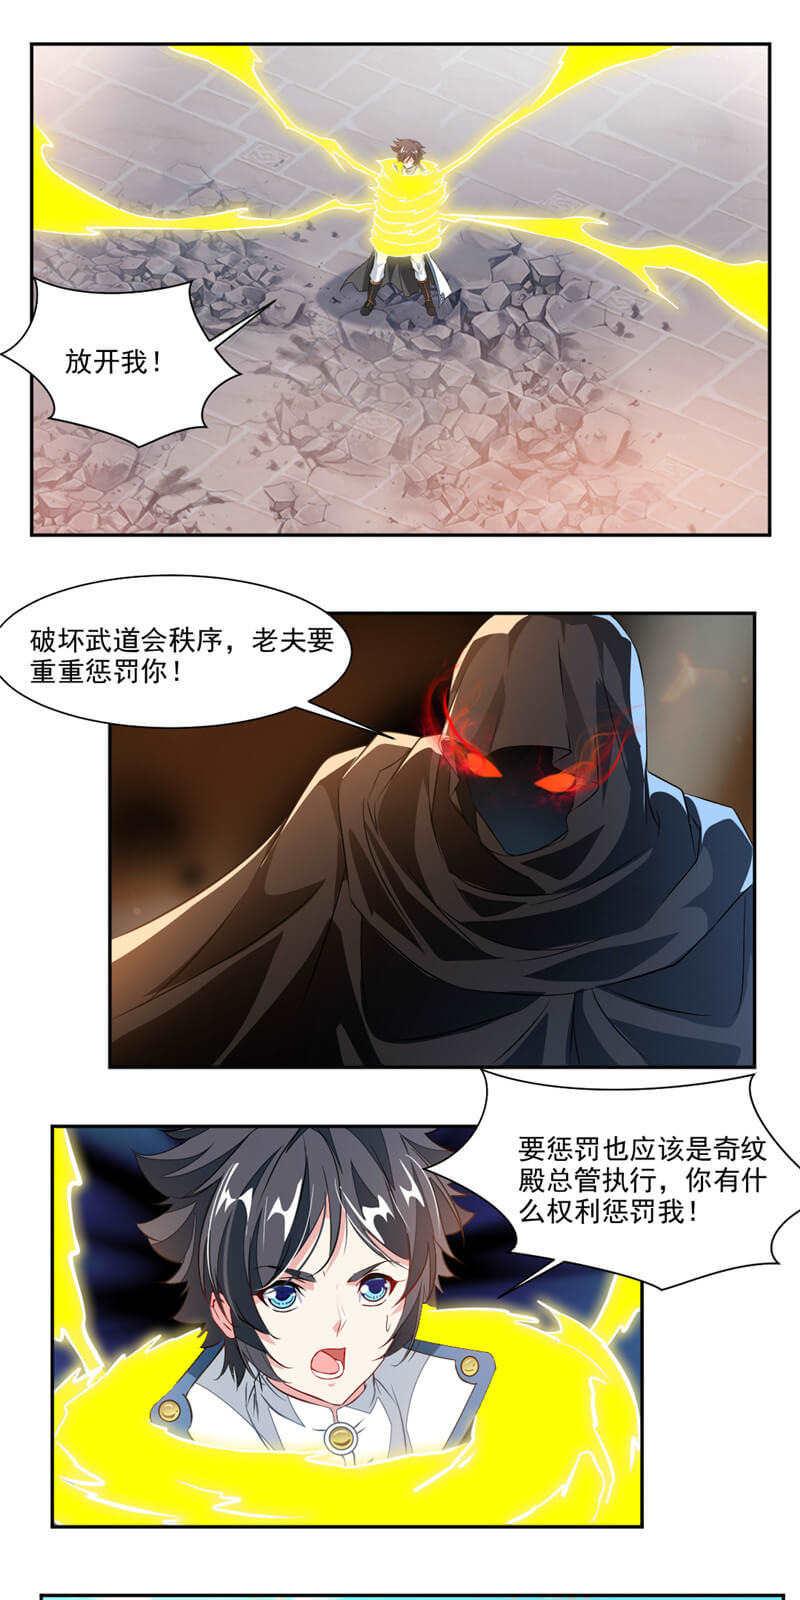 九阳神王第50话  天刑塔 第 2